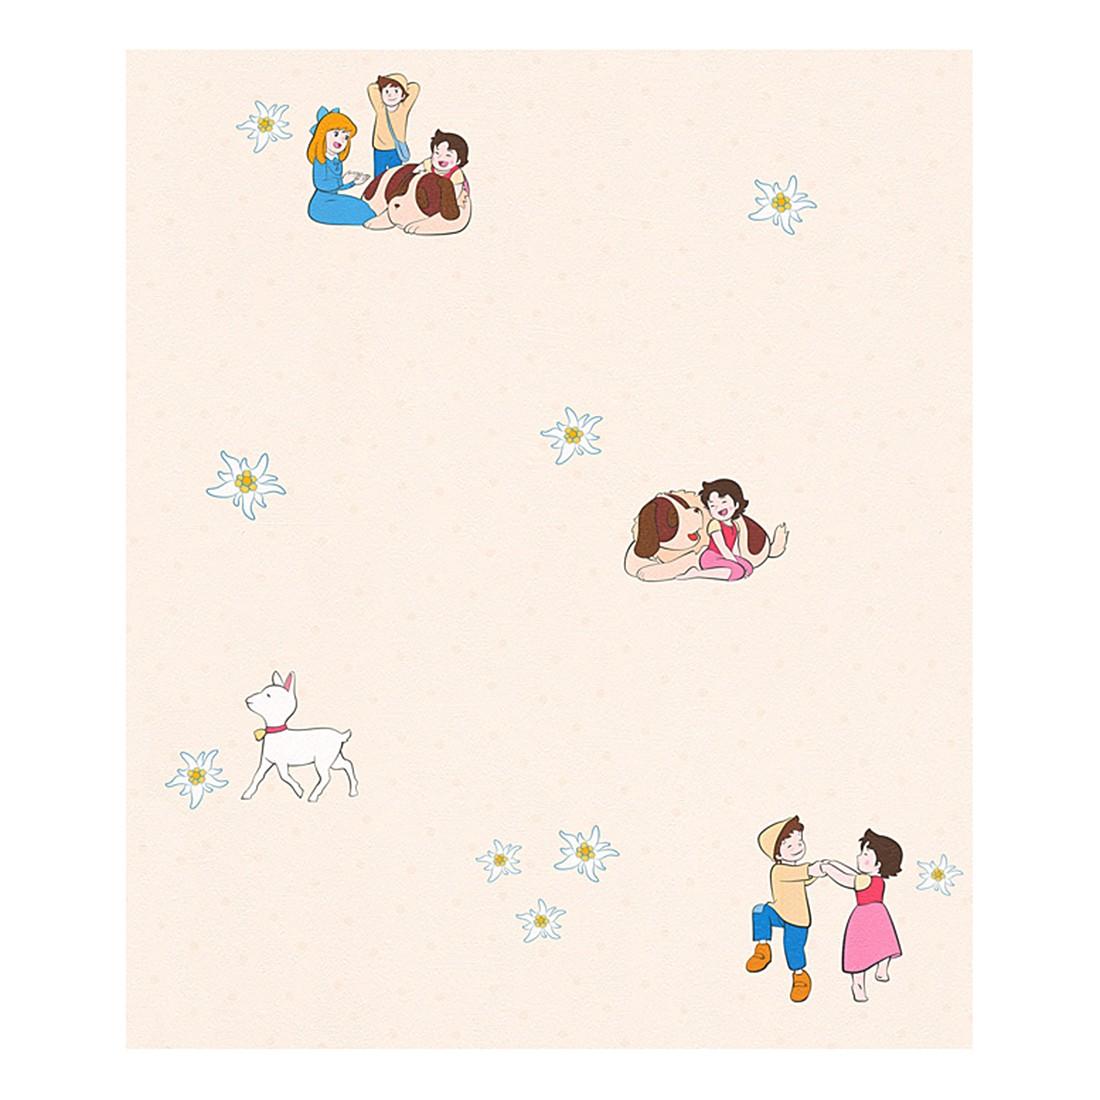 Papiertapete Heidi – hellelfenbein – bunt – fein strukturiert – Modell 2, Home24Deko online bestellen